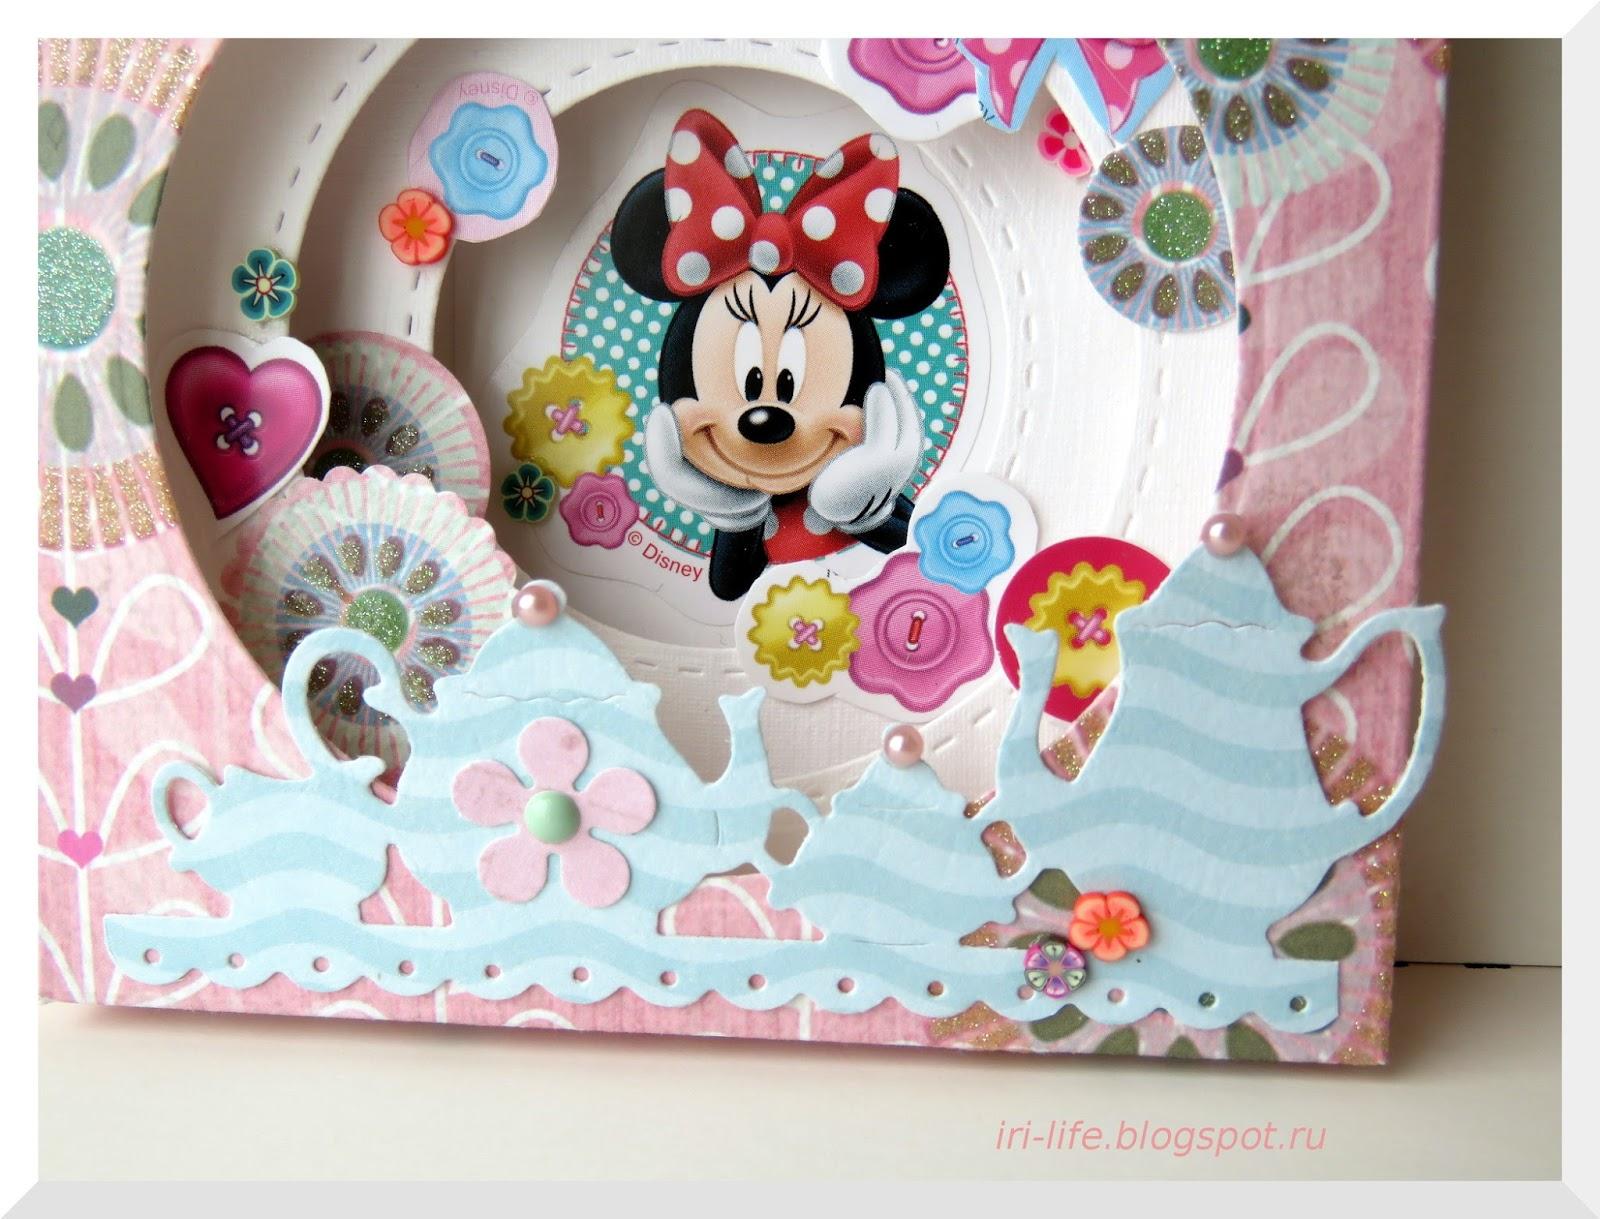 Днем рождения, открытки туннели фото